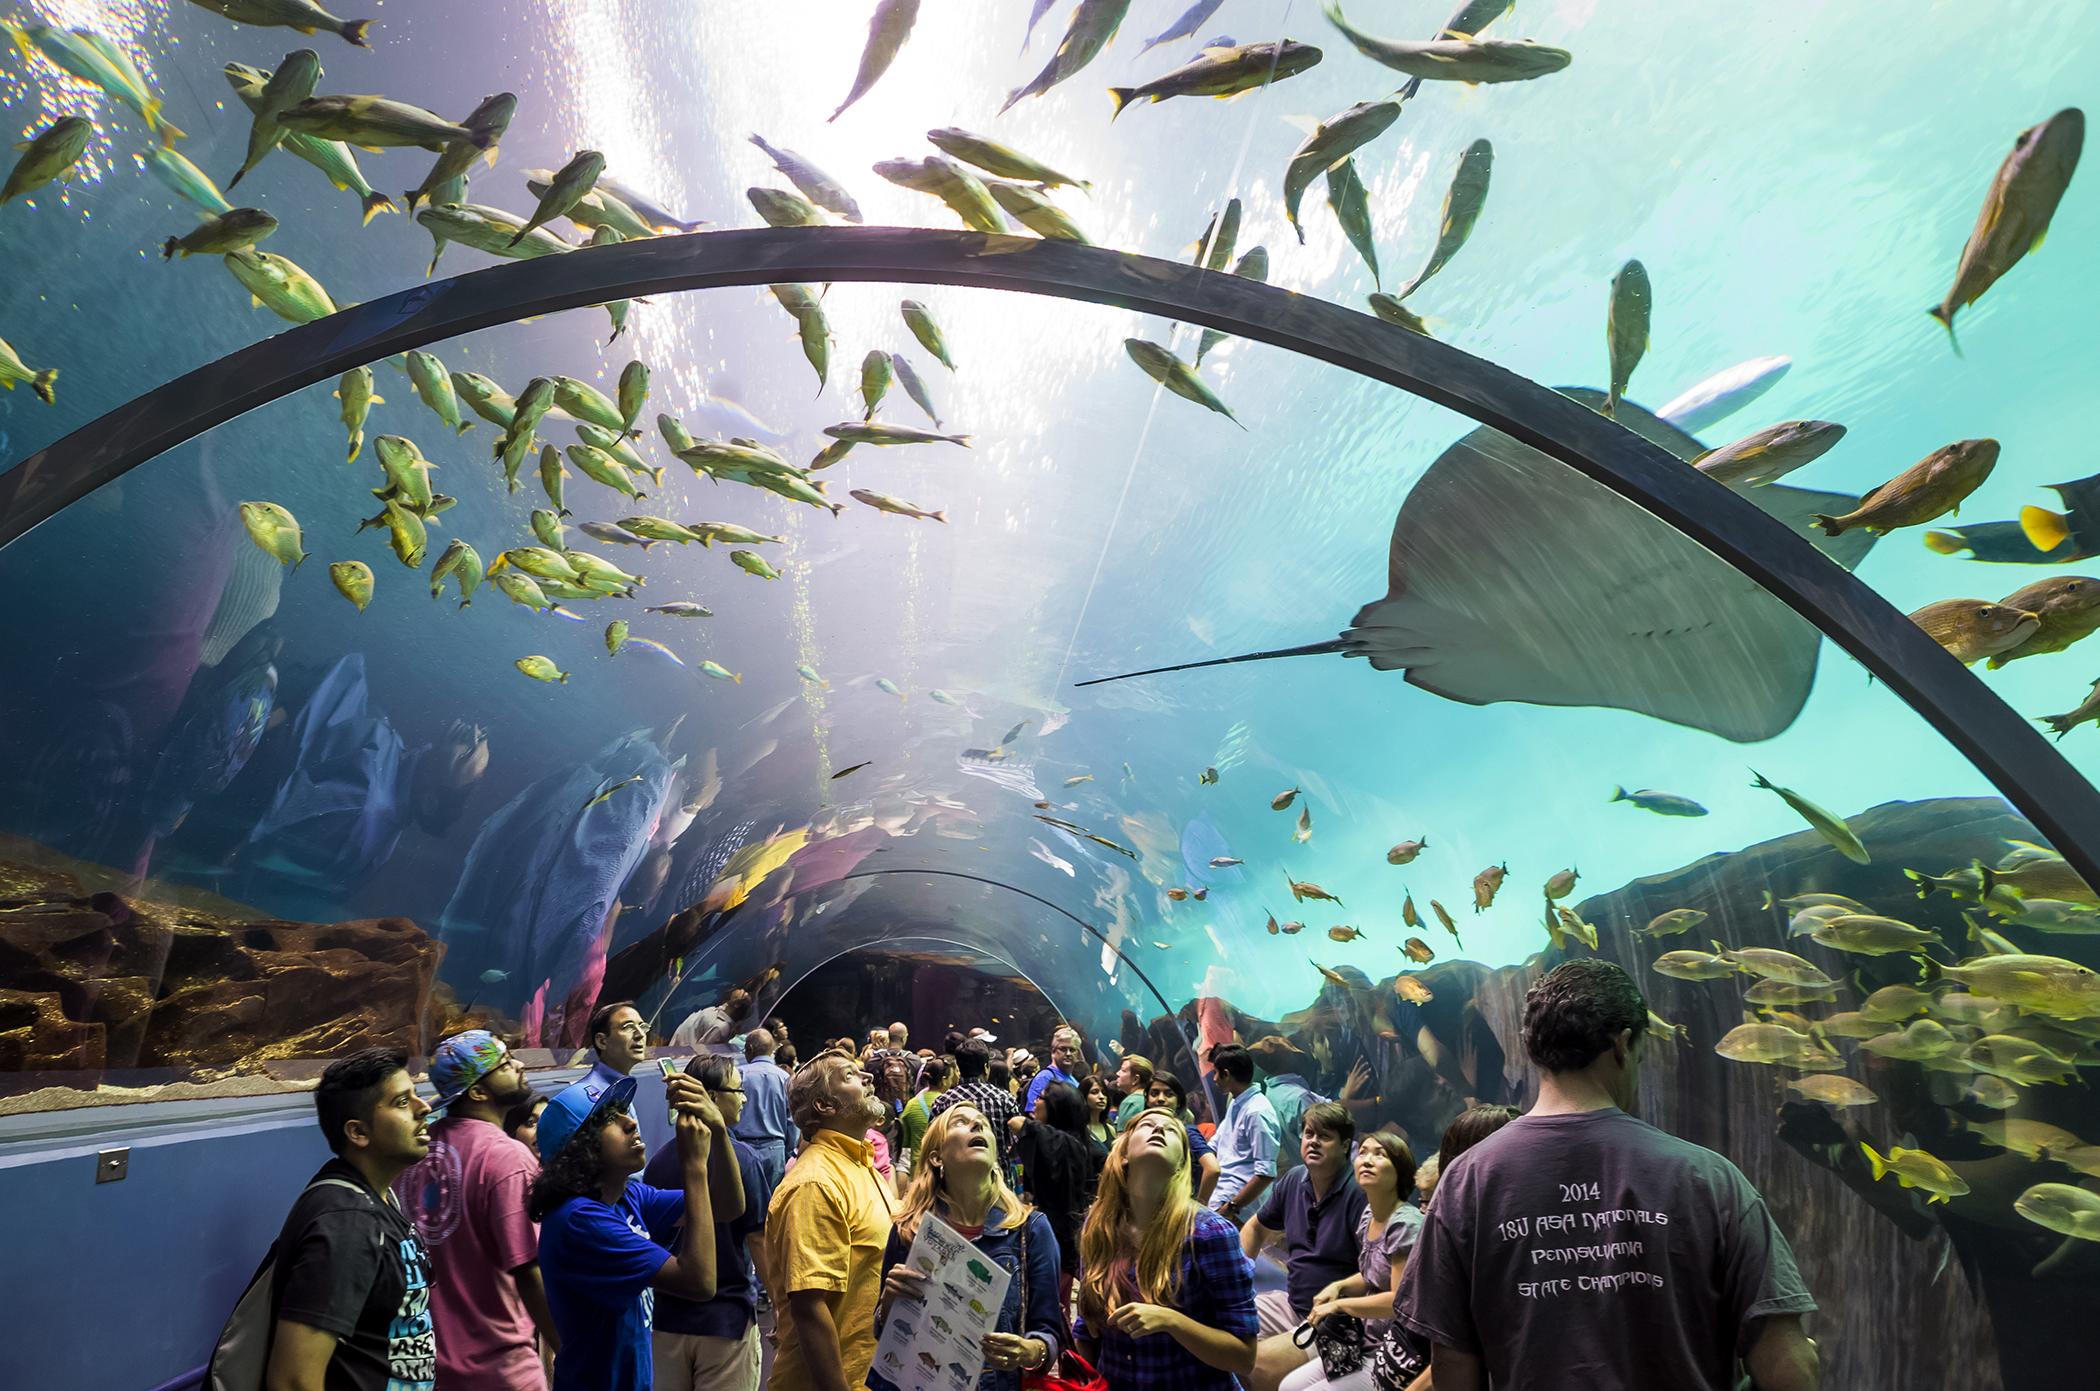 Interior of Georgia Aquarium, the world's largest aquarium holding more than 8 million gallons of water in Atlanta, Georgia on August 2, 2014